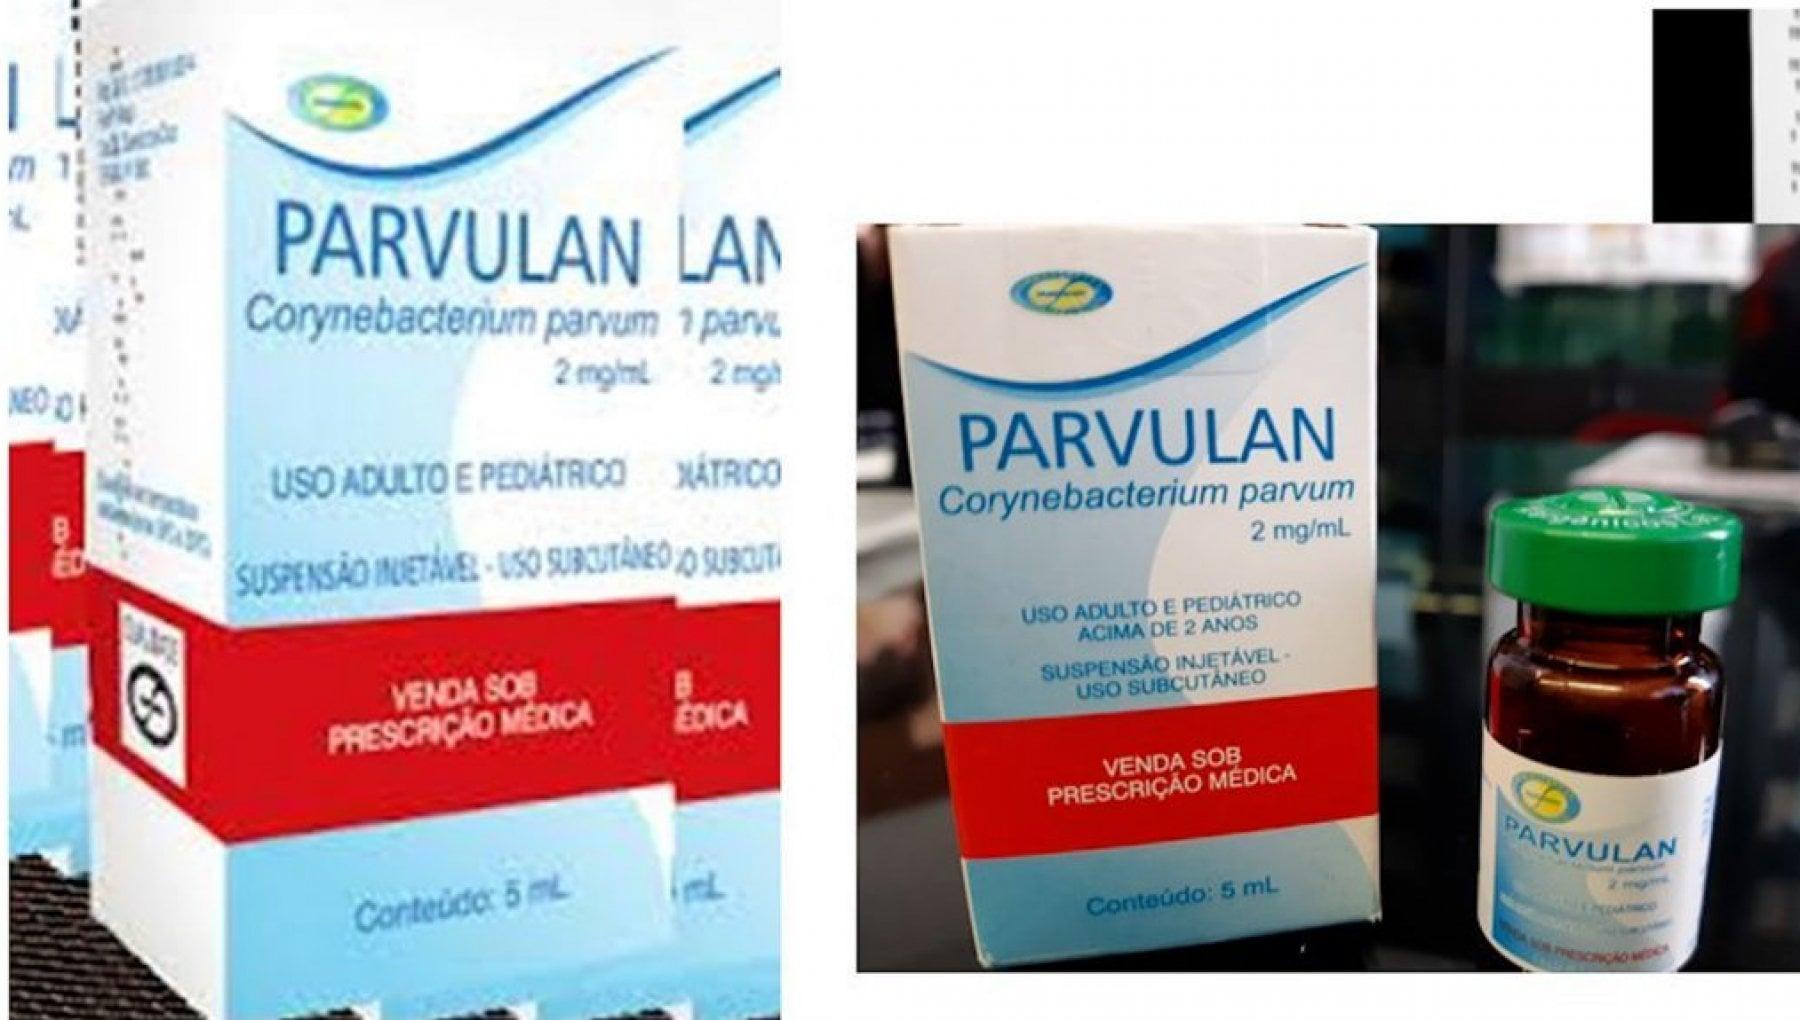 """173527459 9d574194 91f8 4138 a839 bf32304936b1 - Covid, un batterio contro l'acne usato al posto del vaccino. L'Aifa: """"Attenti, è pericoloso"""""""